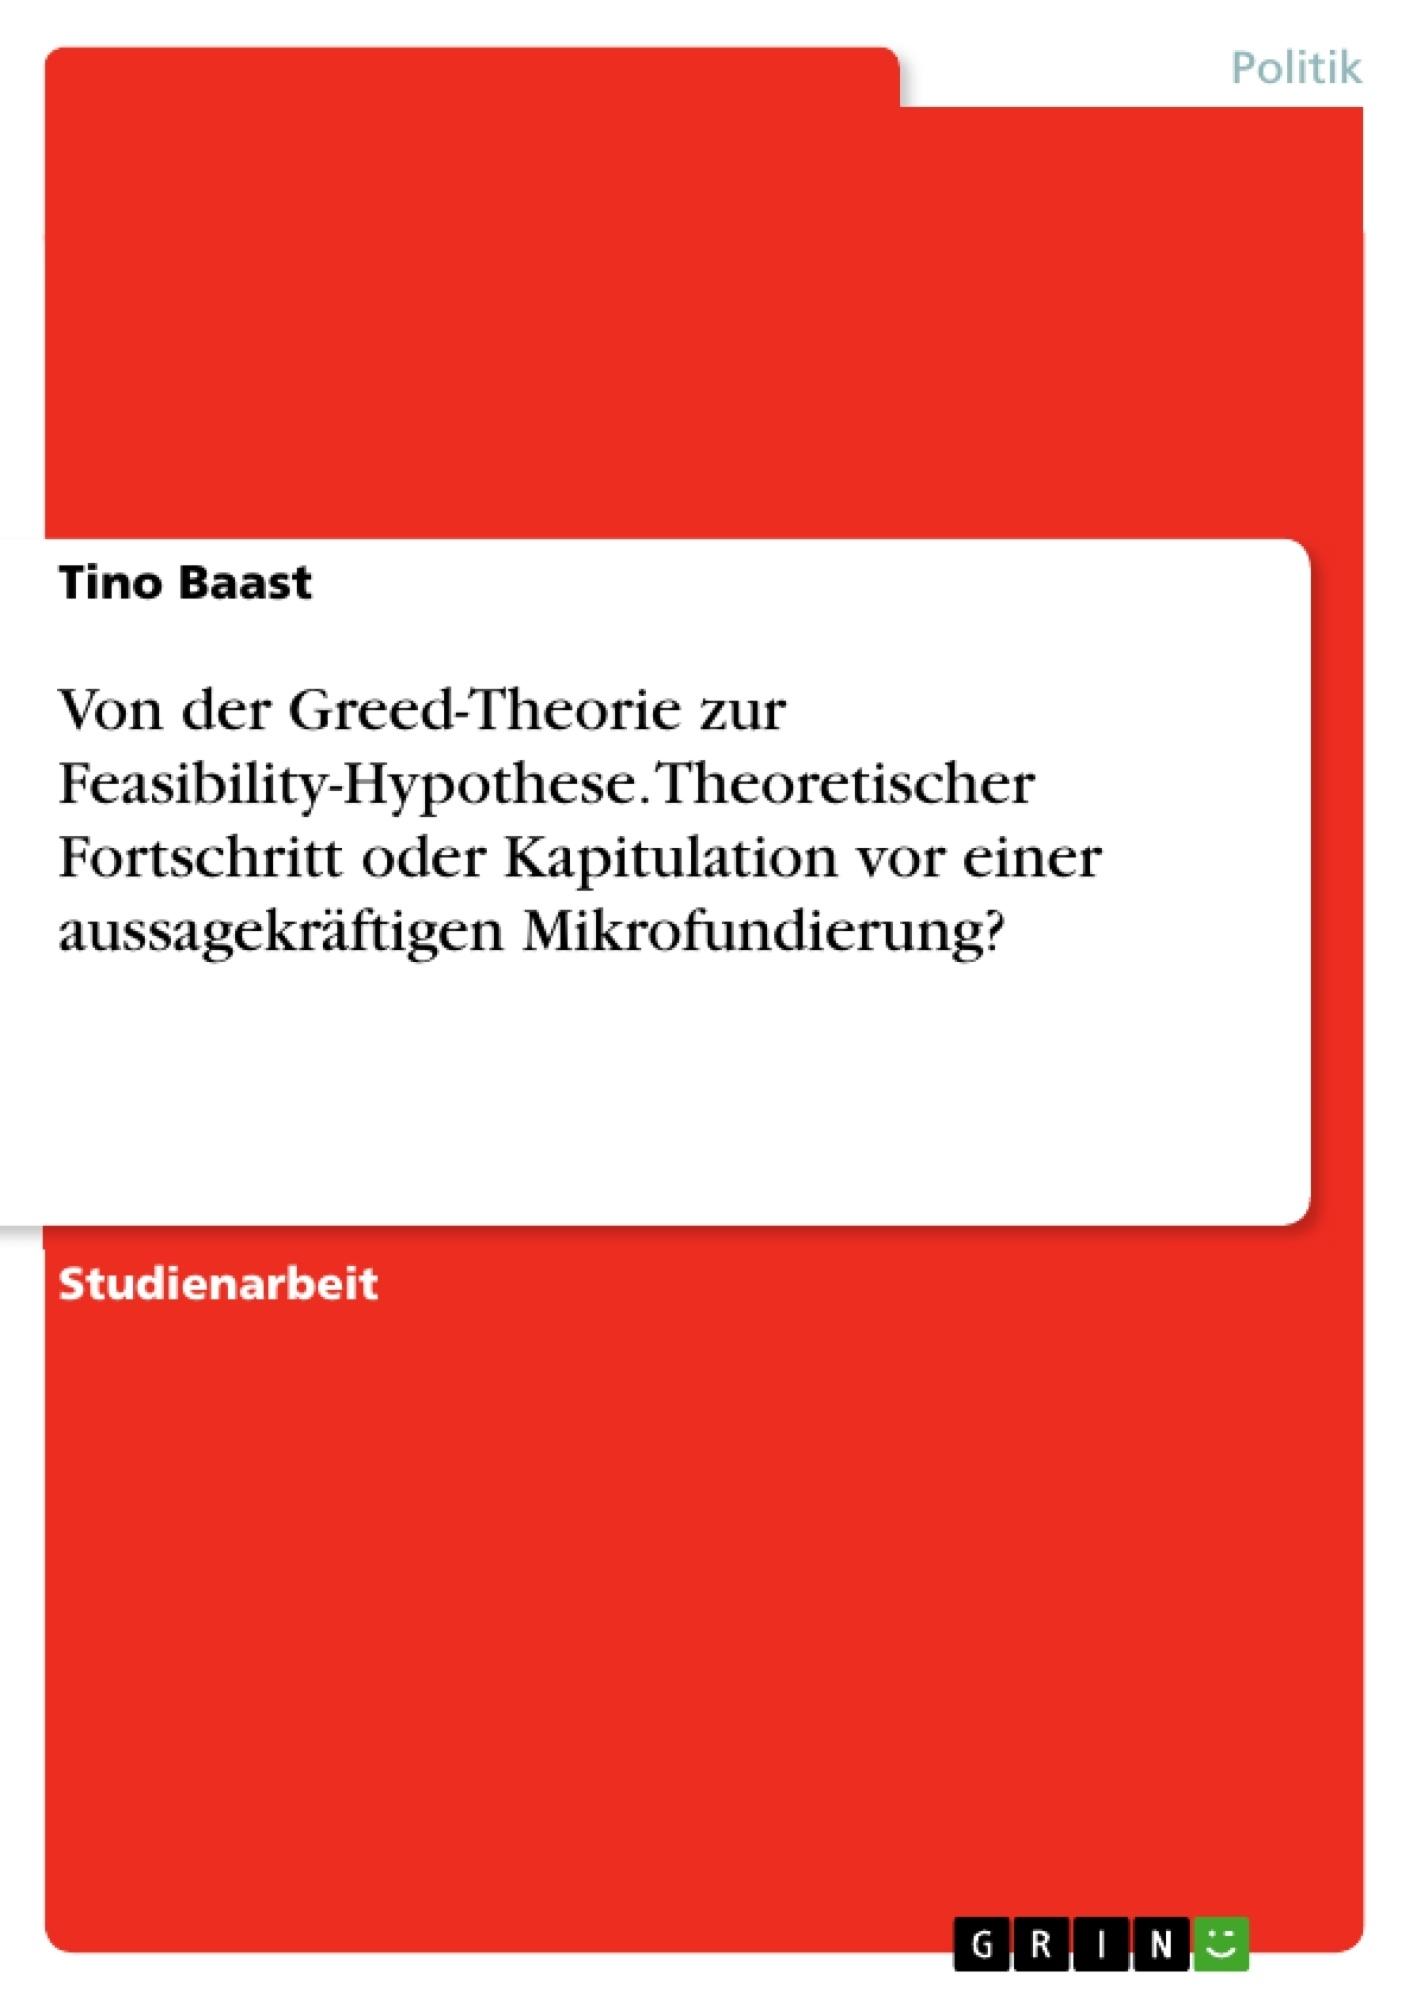 Titel: Von der Greed-Theorie zur Feasibility-Hypothese. Theoretischer Fortschritt oder Kapitulation vor einer aussagekräftigen Mikrofundierung?